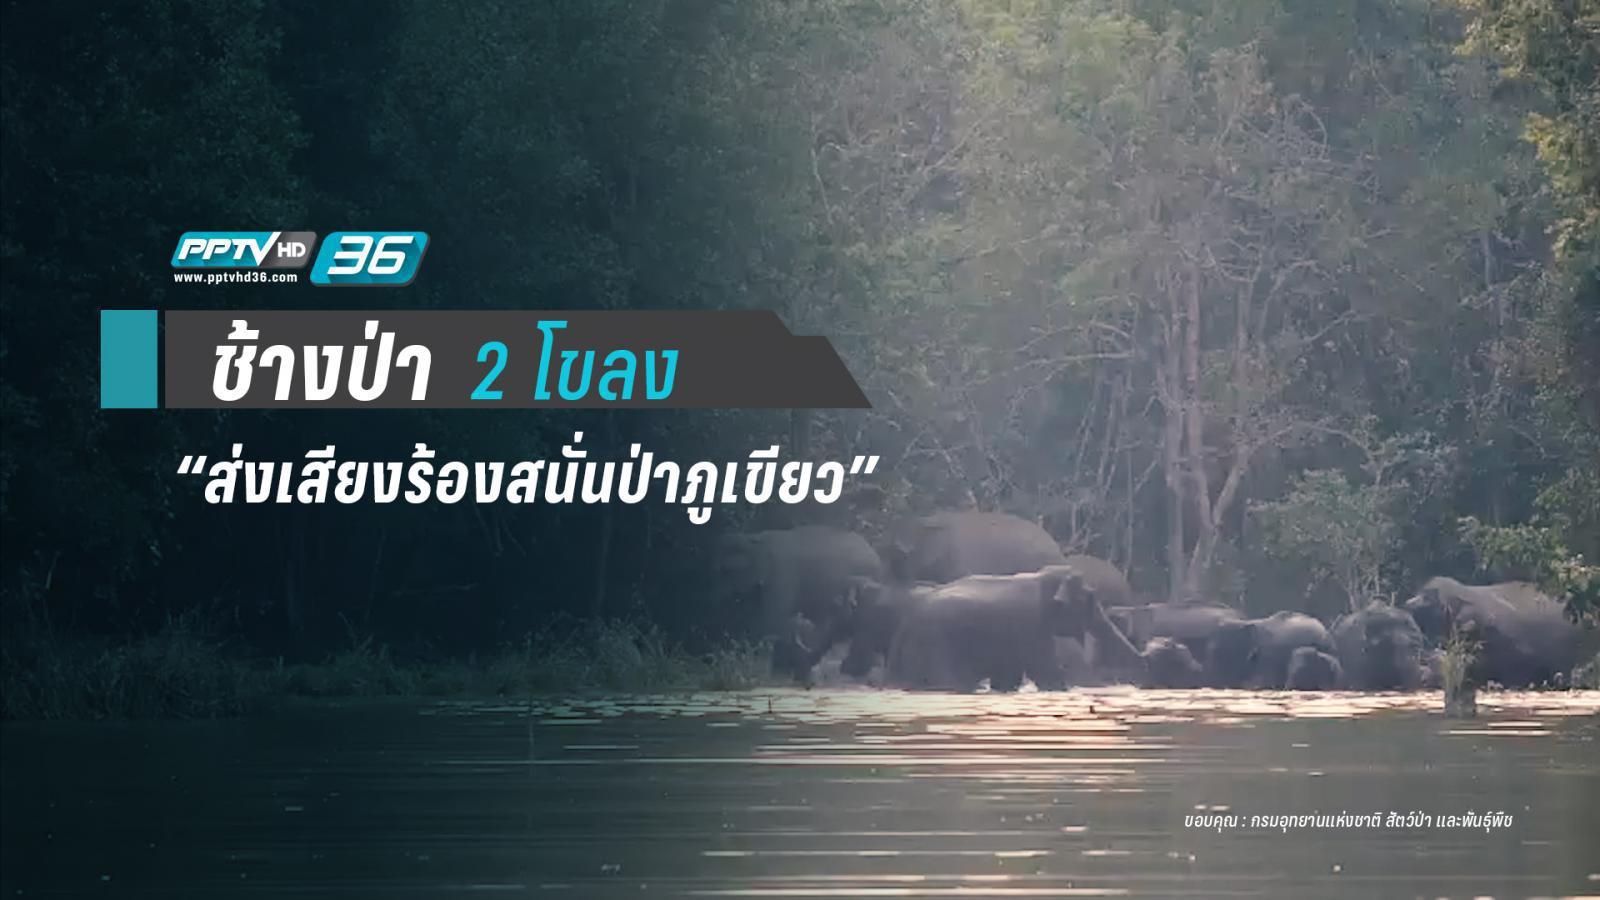 ช้างป่า 2 โขลงเจอกันทักทายเสียงดังสนั่นป่าภูเขียว